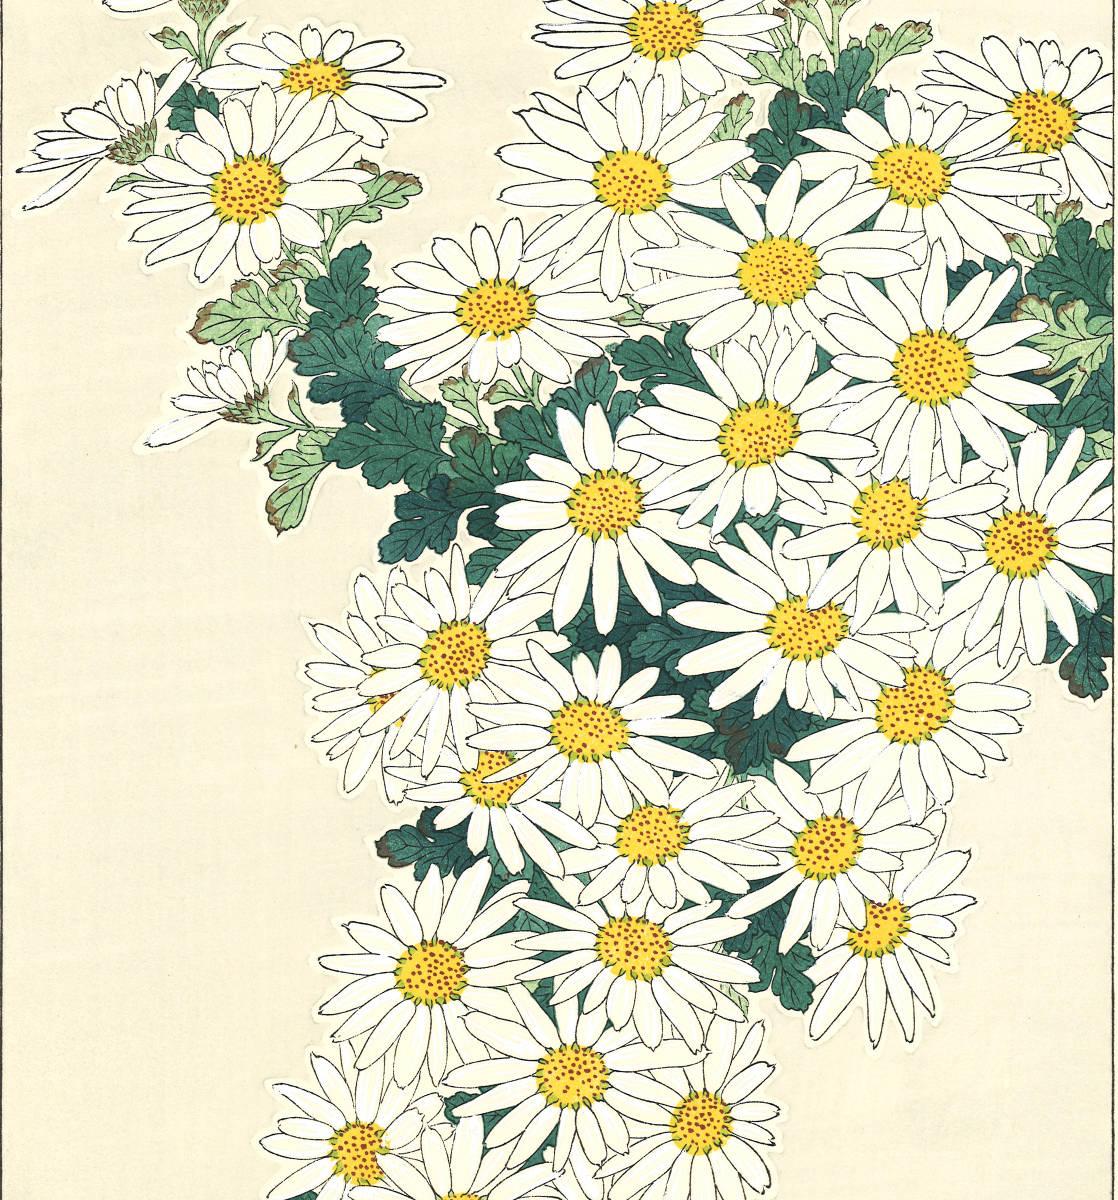 河原崎奨堂 (Kawarazaki Shodo) (1899~1973)木版画 F037 菊 花版画(Chrysanthemum)初版昭和初期~京都の一流の摺師の技をご堪能下さい。_画像7